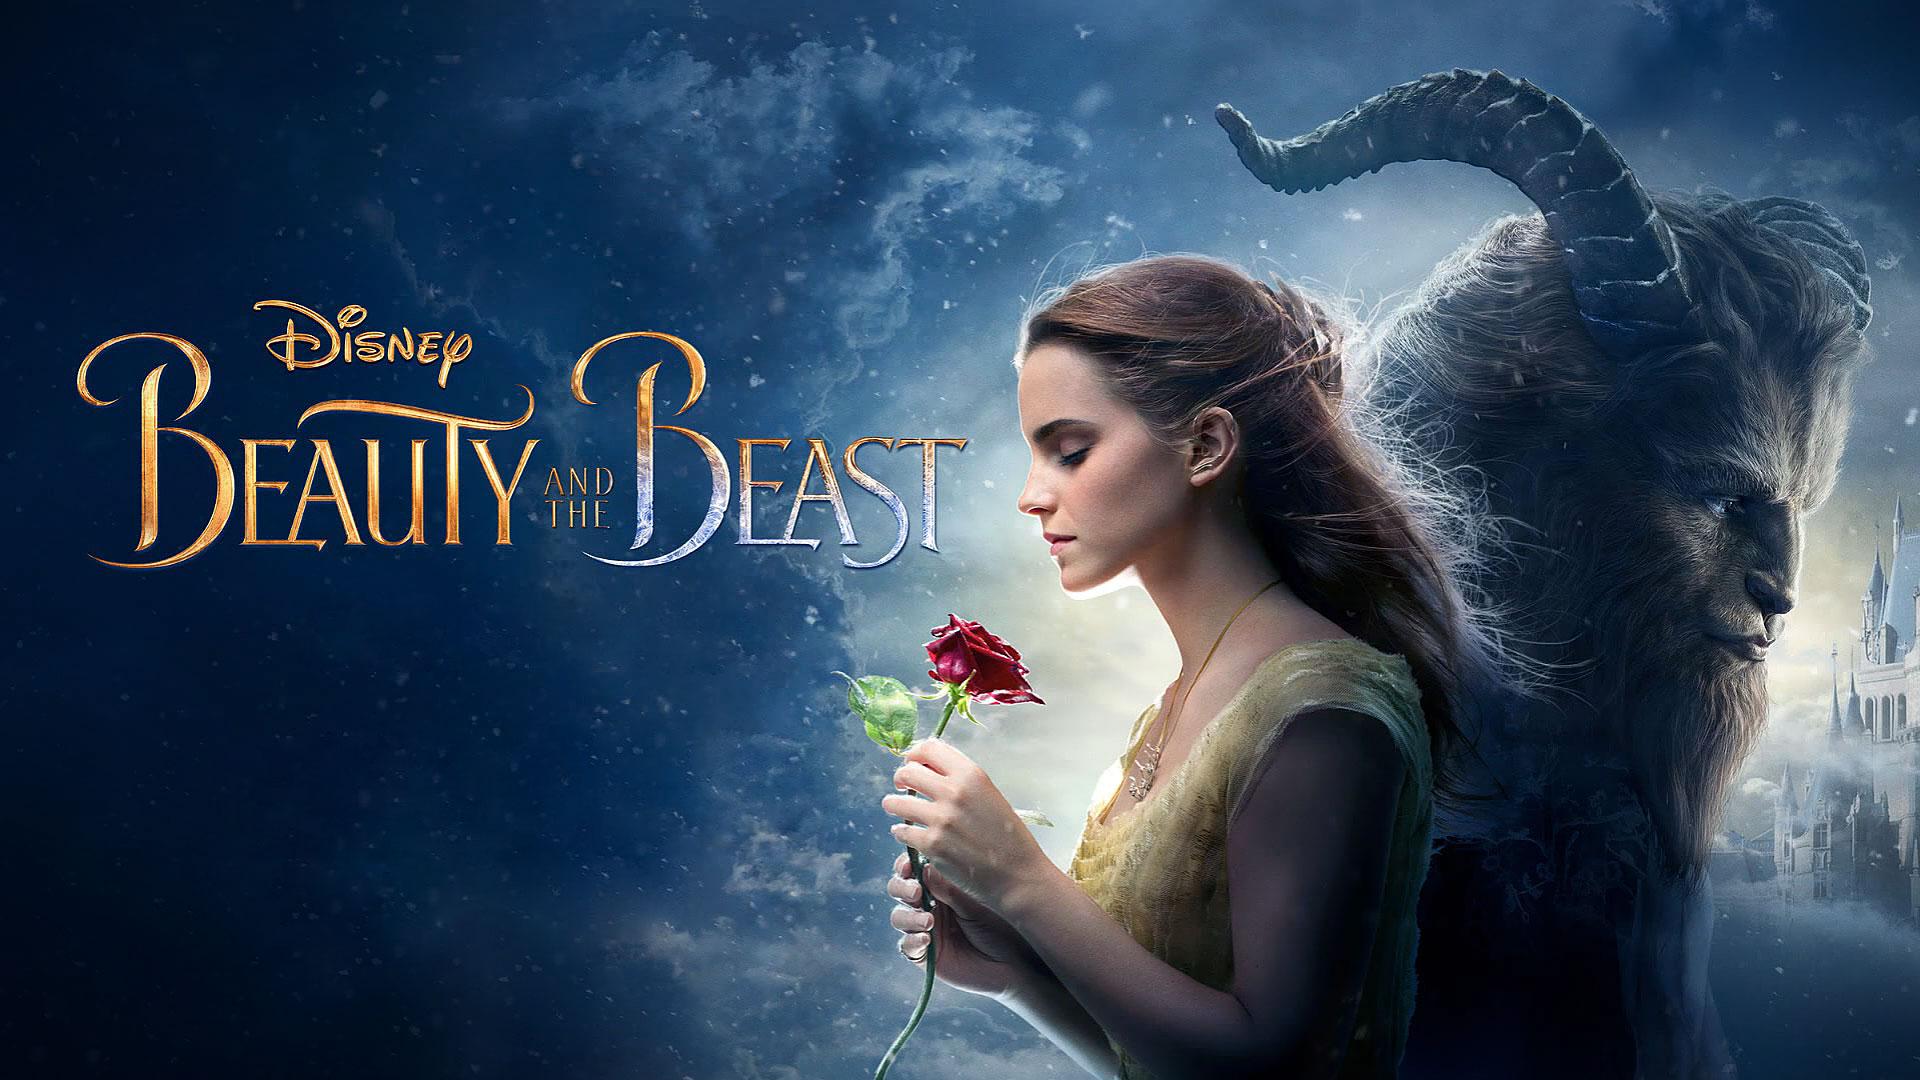 https://i2.wp.com/www.designbolts.com/wp-content/uploads/2017/02/Beauty-and-the-Beast-Official-Wallpaper-HD-1.jpg